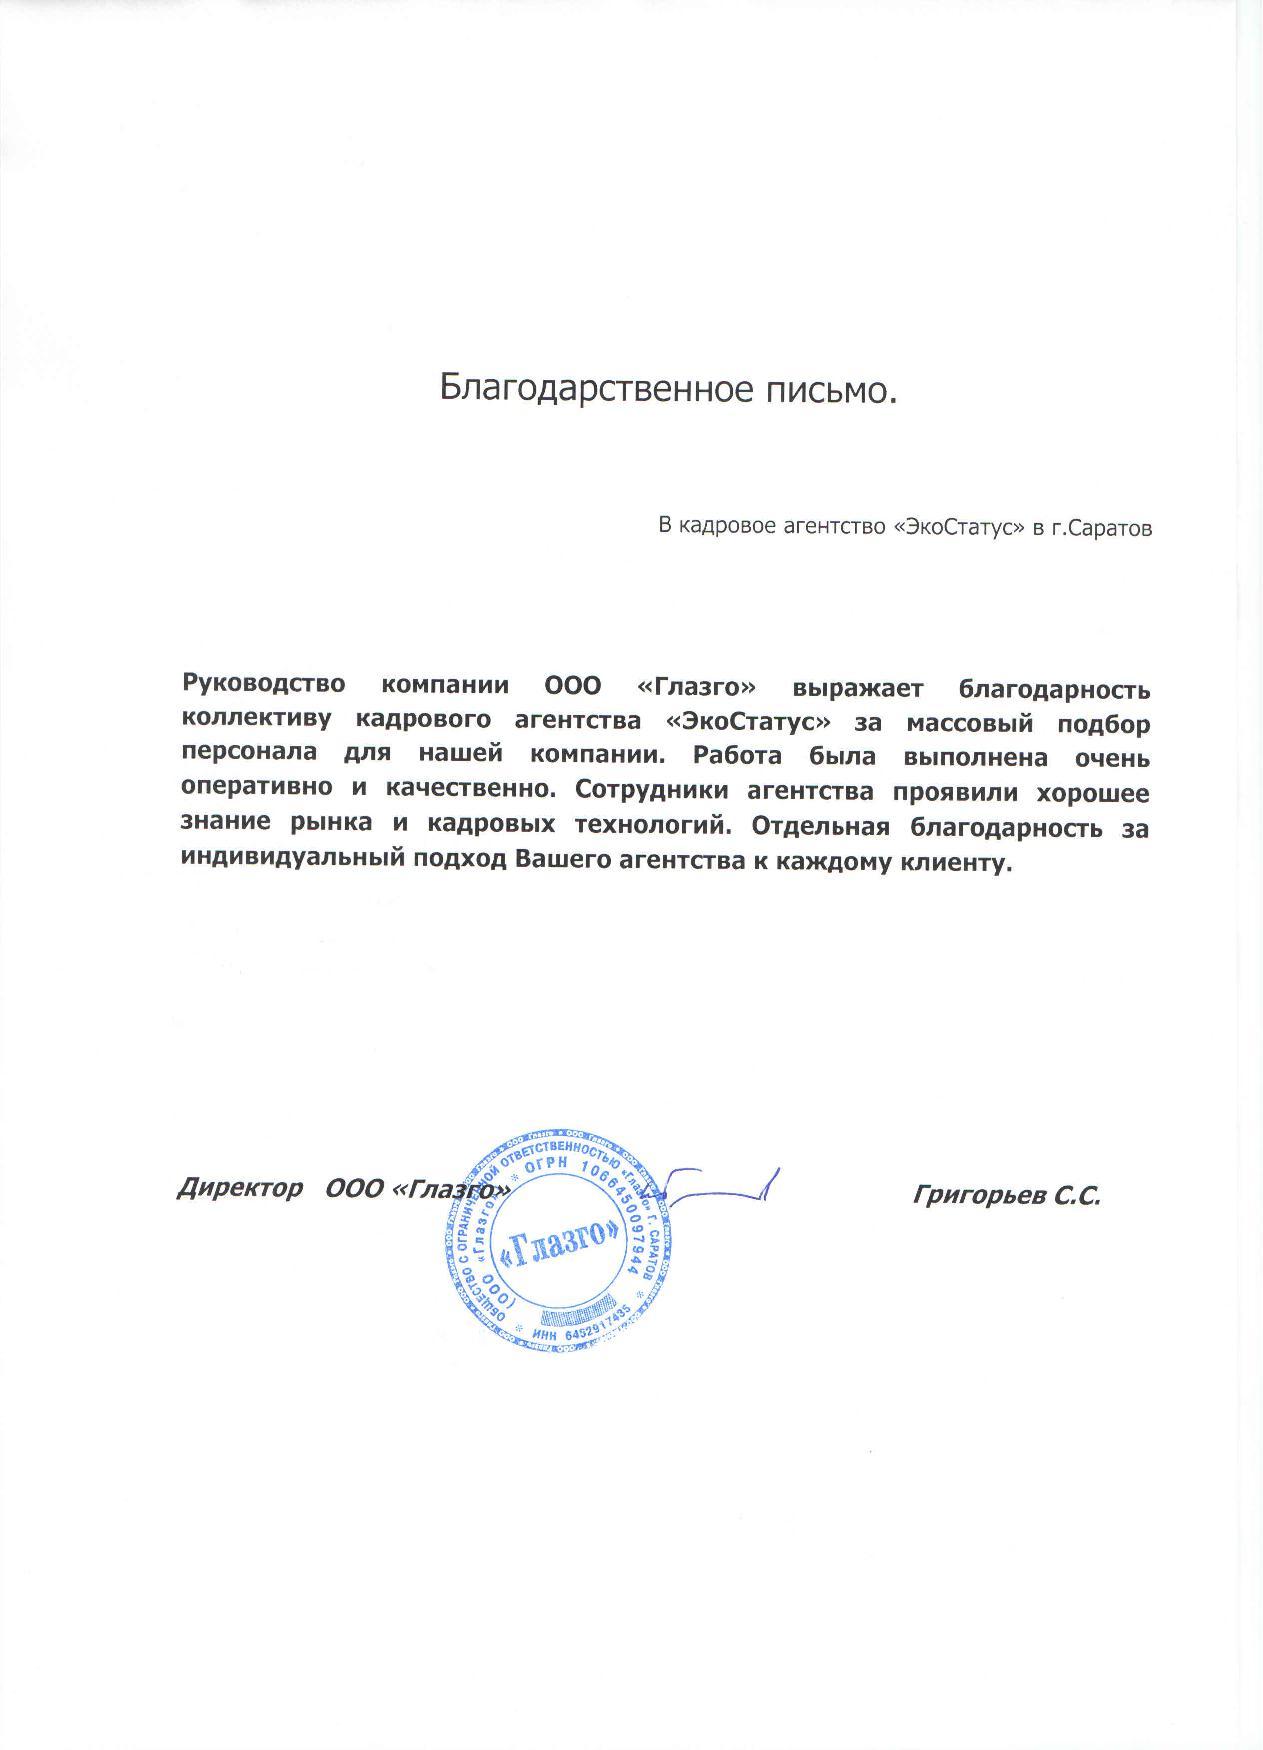 """ООО """"Глазго"""" - оптика и климатическое оборудование"""